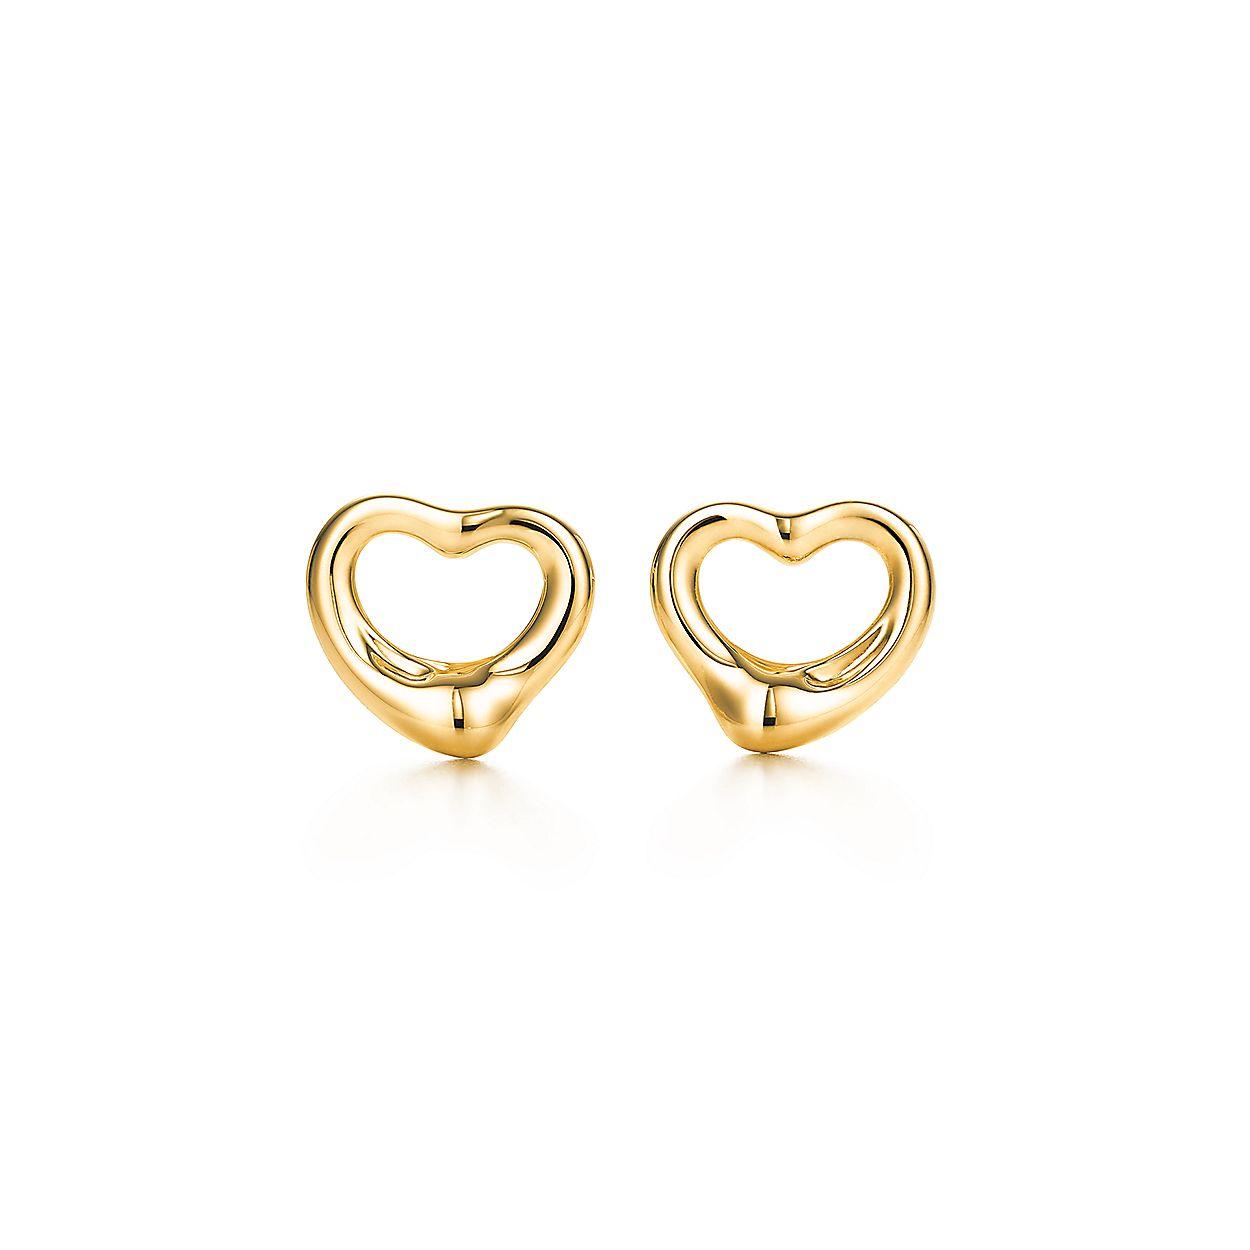 13c66d429 Elsa Peretti® Open Heart earrings in 18k gold.   Tiffany & Co.